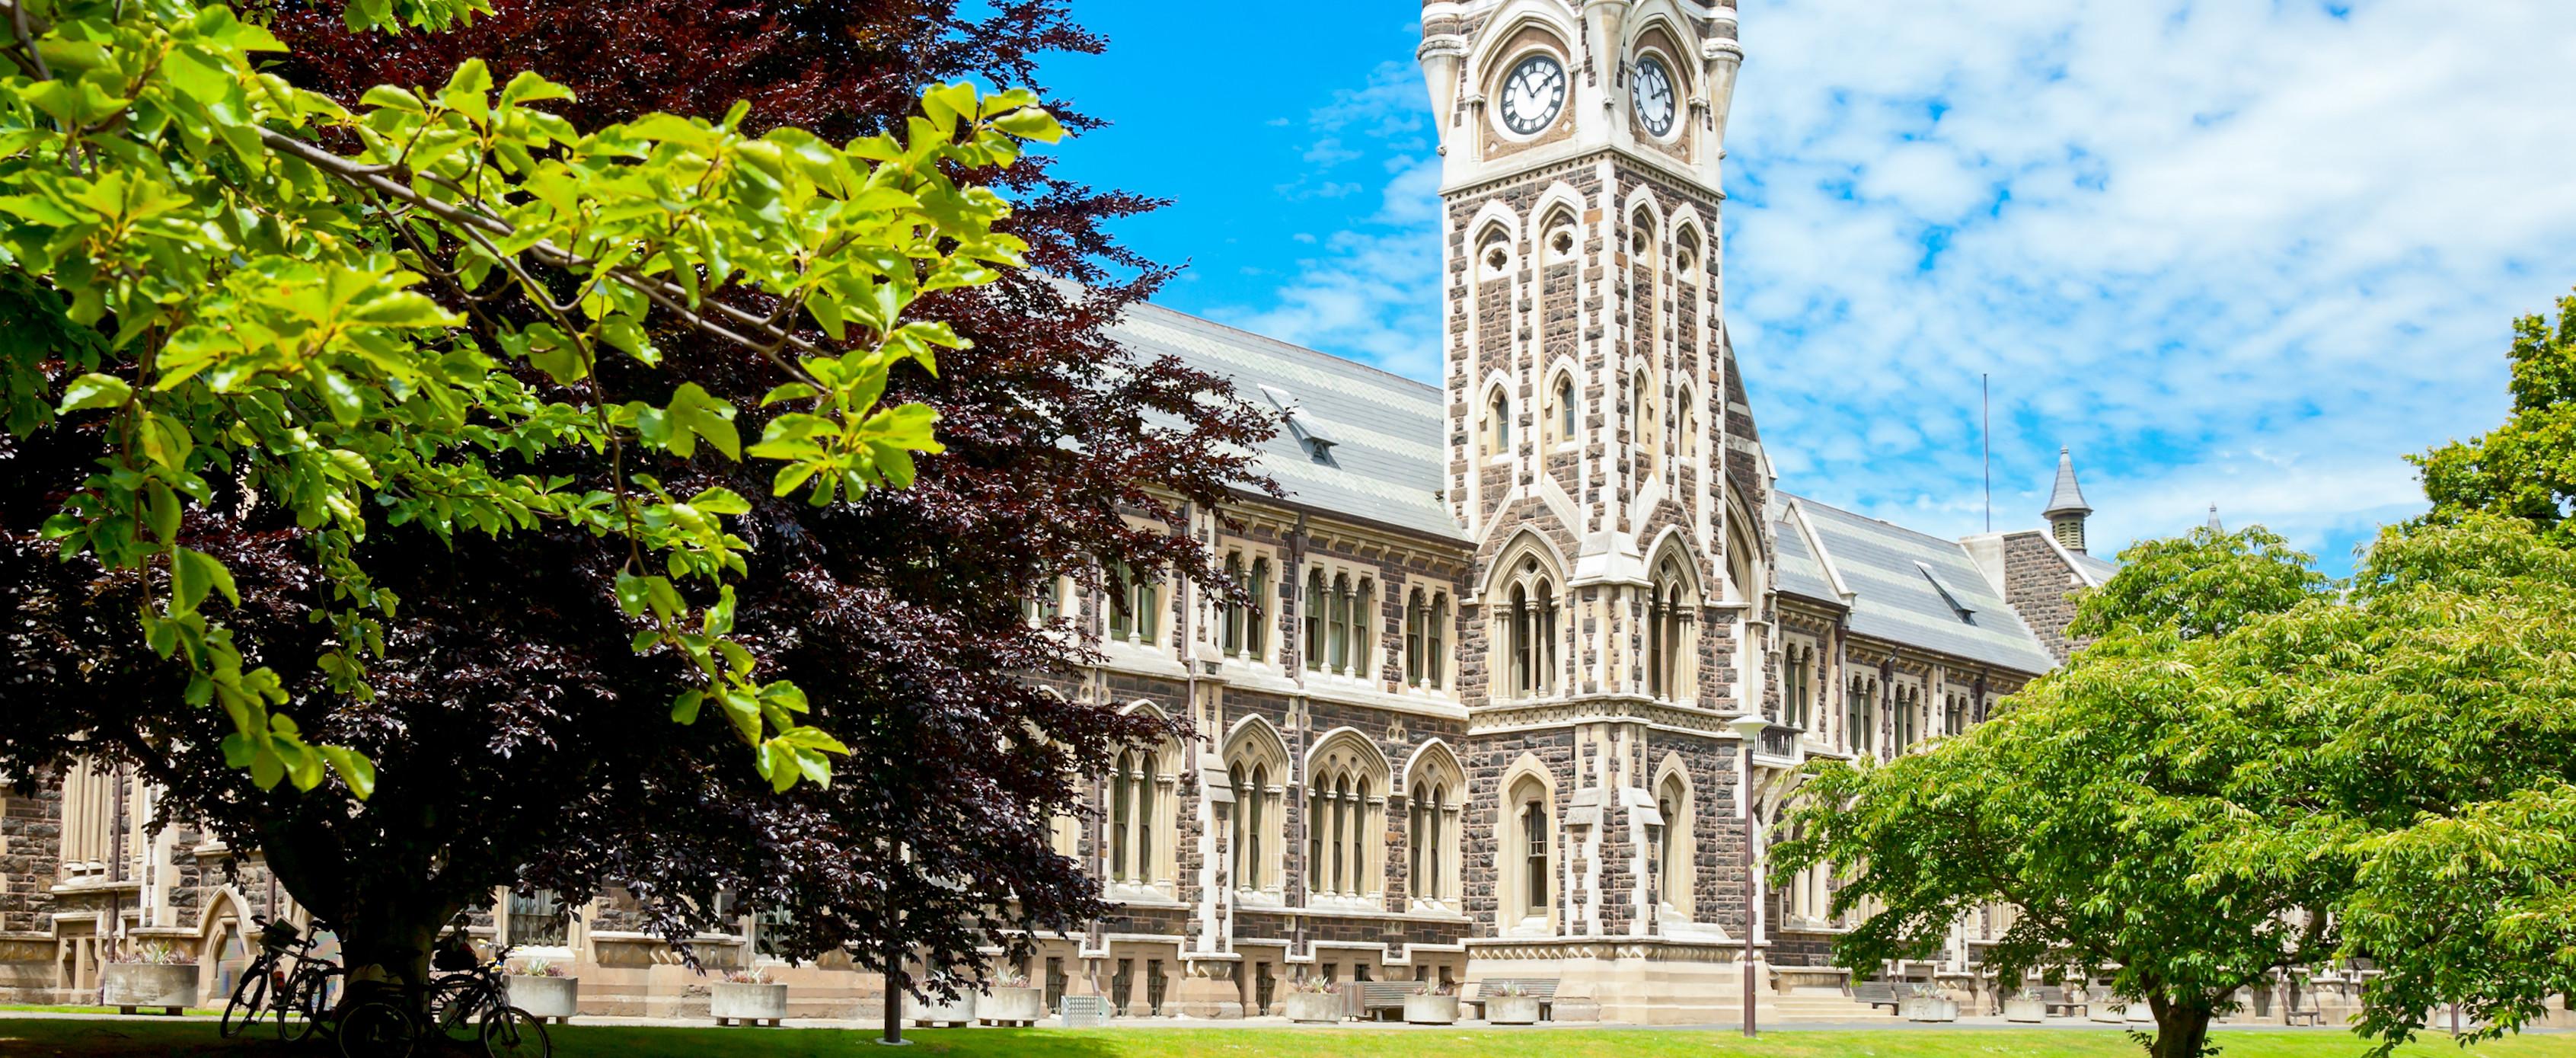 Best universities creative writing uk